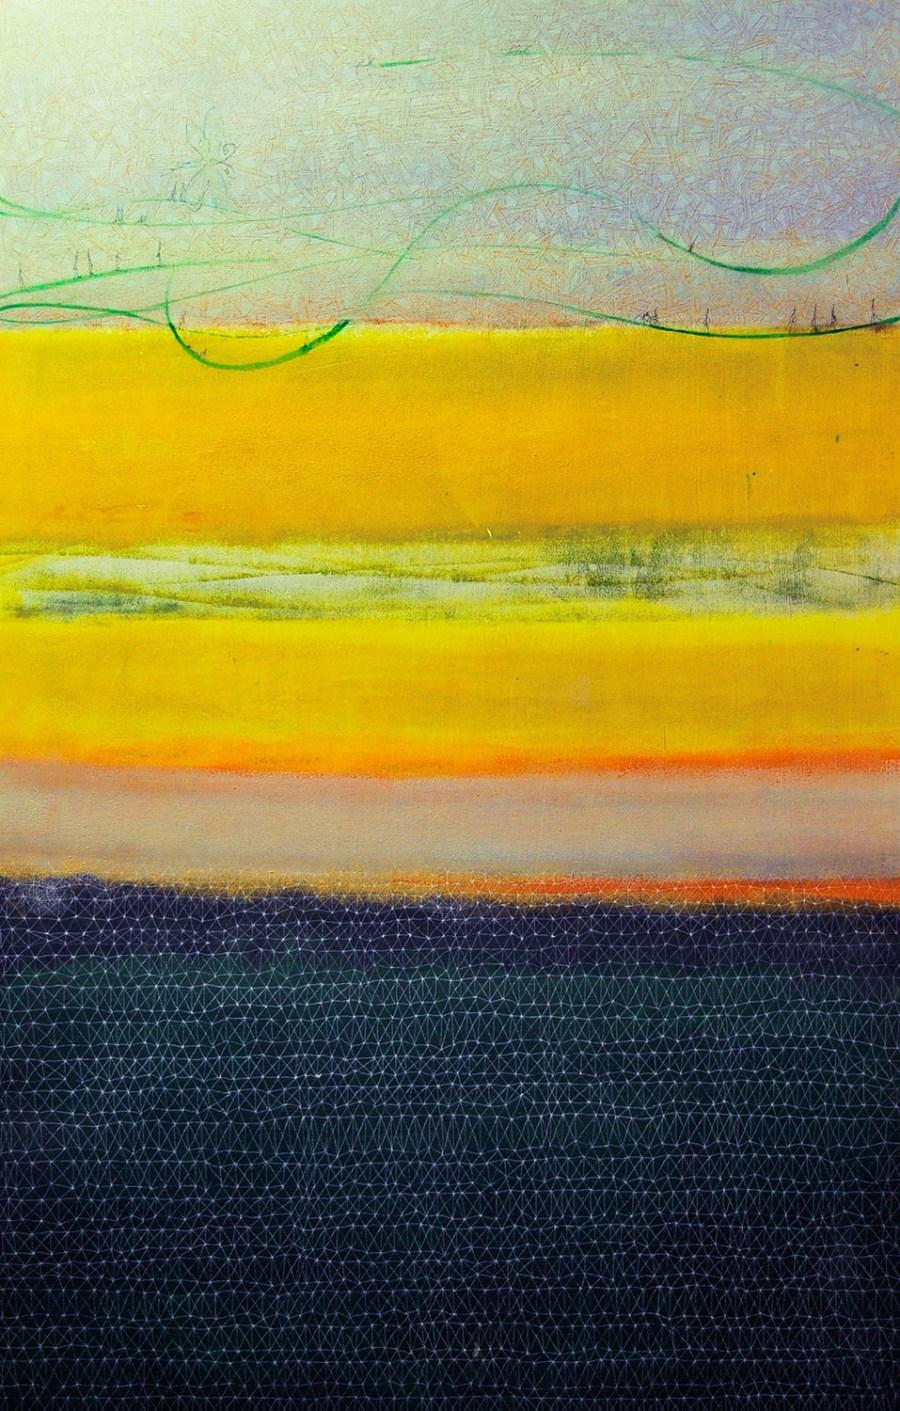 ARCHITETTURA SOSPESA 2 olio acrilico 99 x 64 (2008)